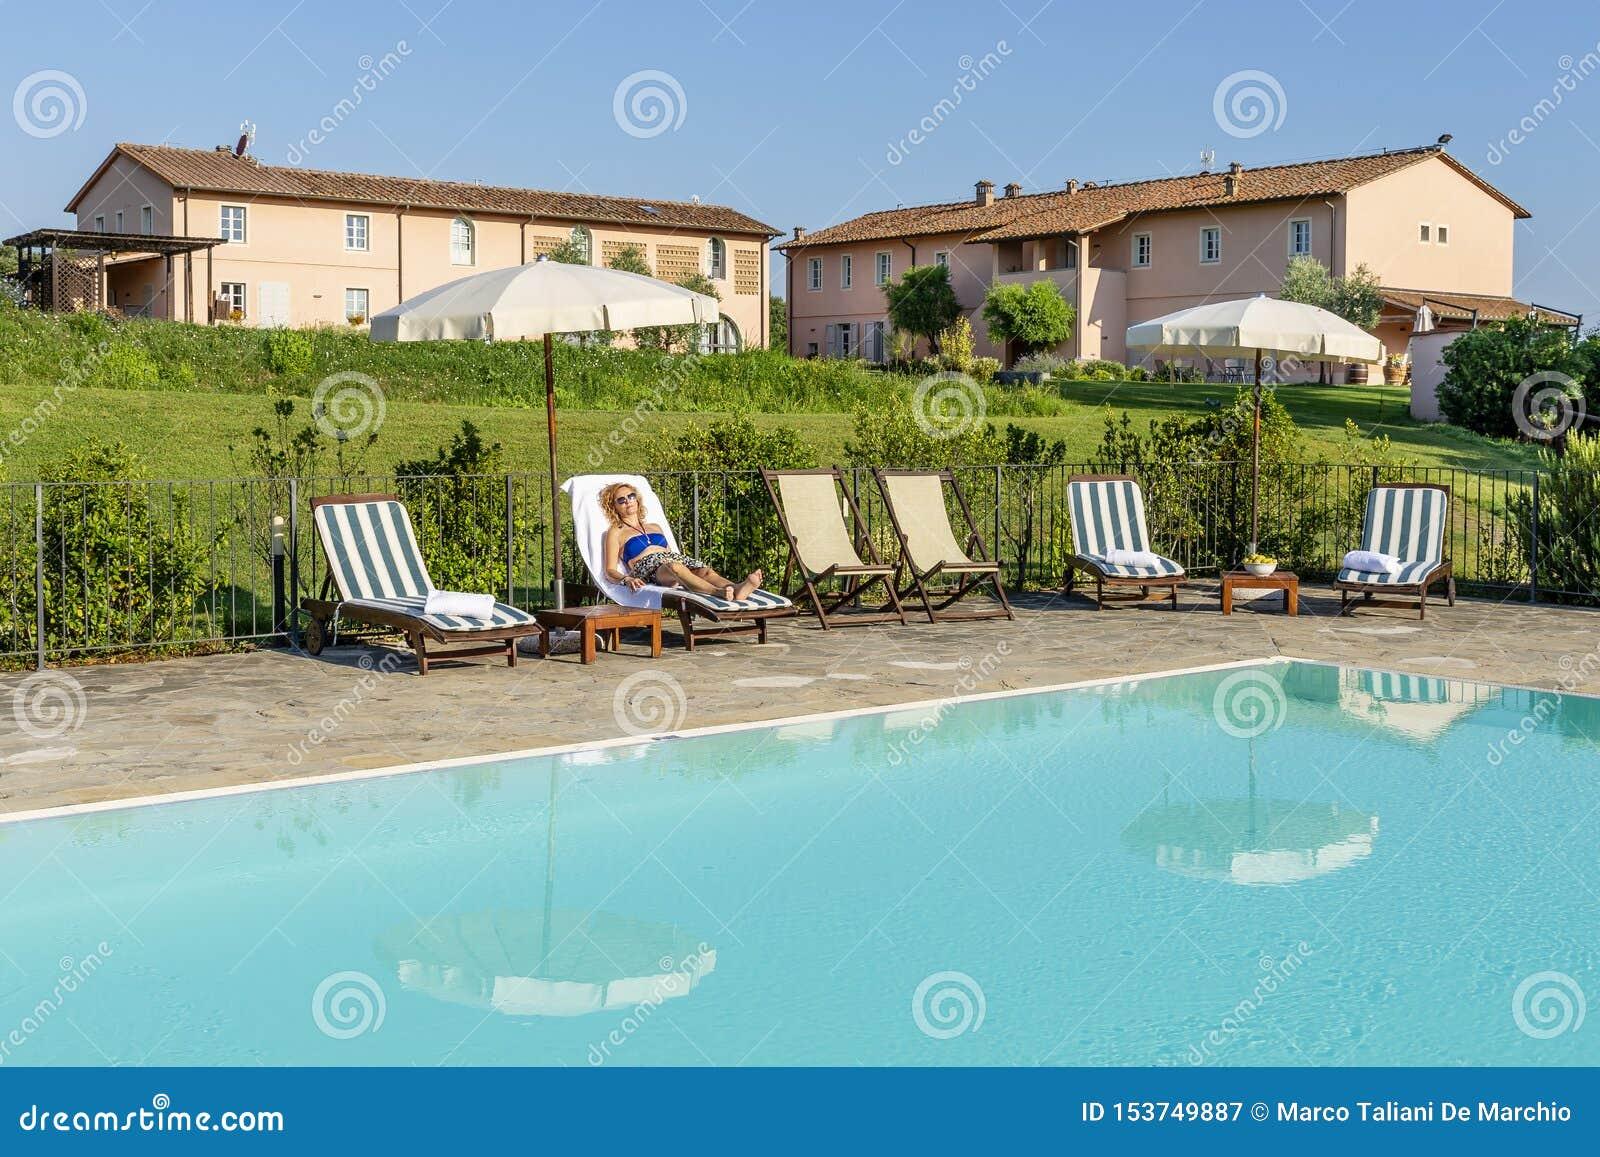 Kvinnan med solglasögon kopplar av att ligga på en dagdrivare vid pölen av en semesterort i bygden av Pisa, Tuscany, Italien